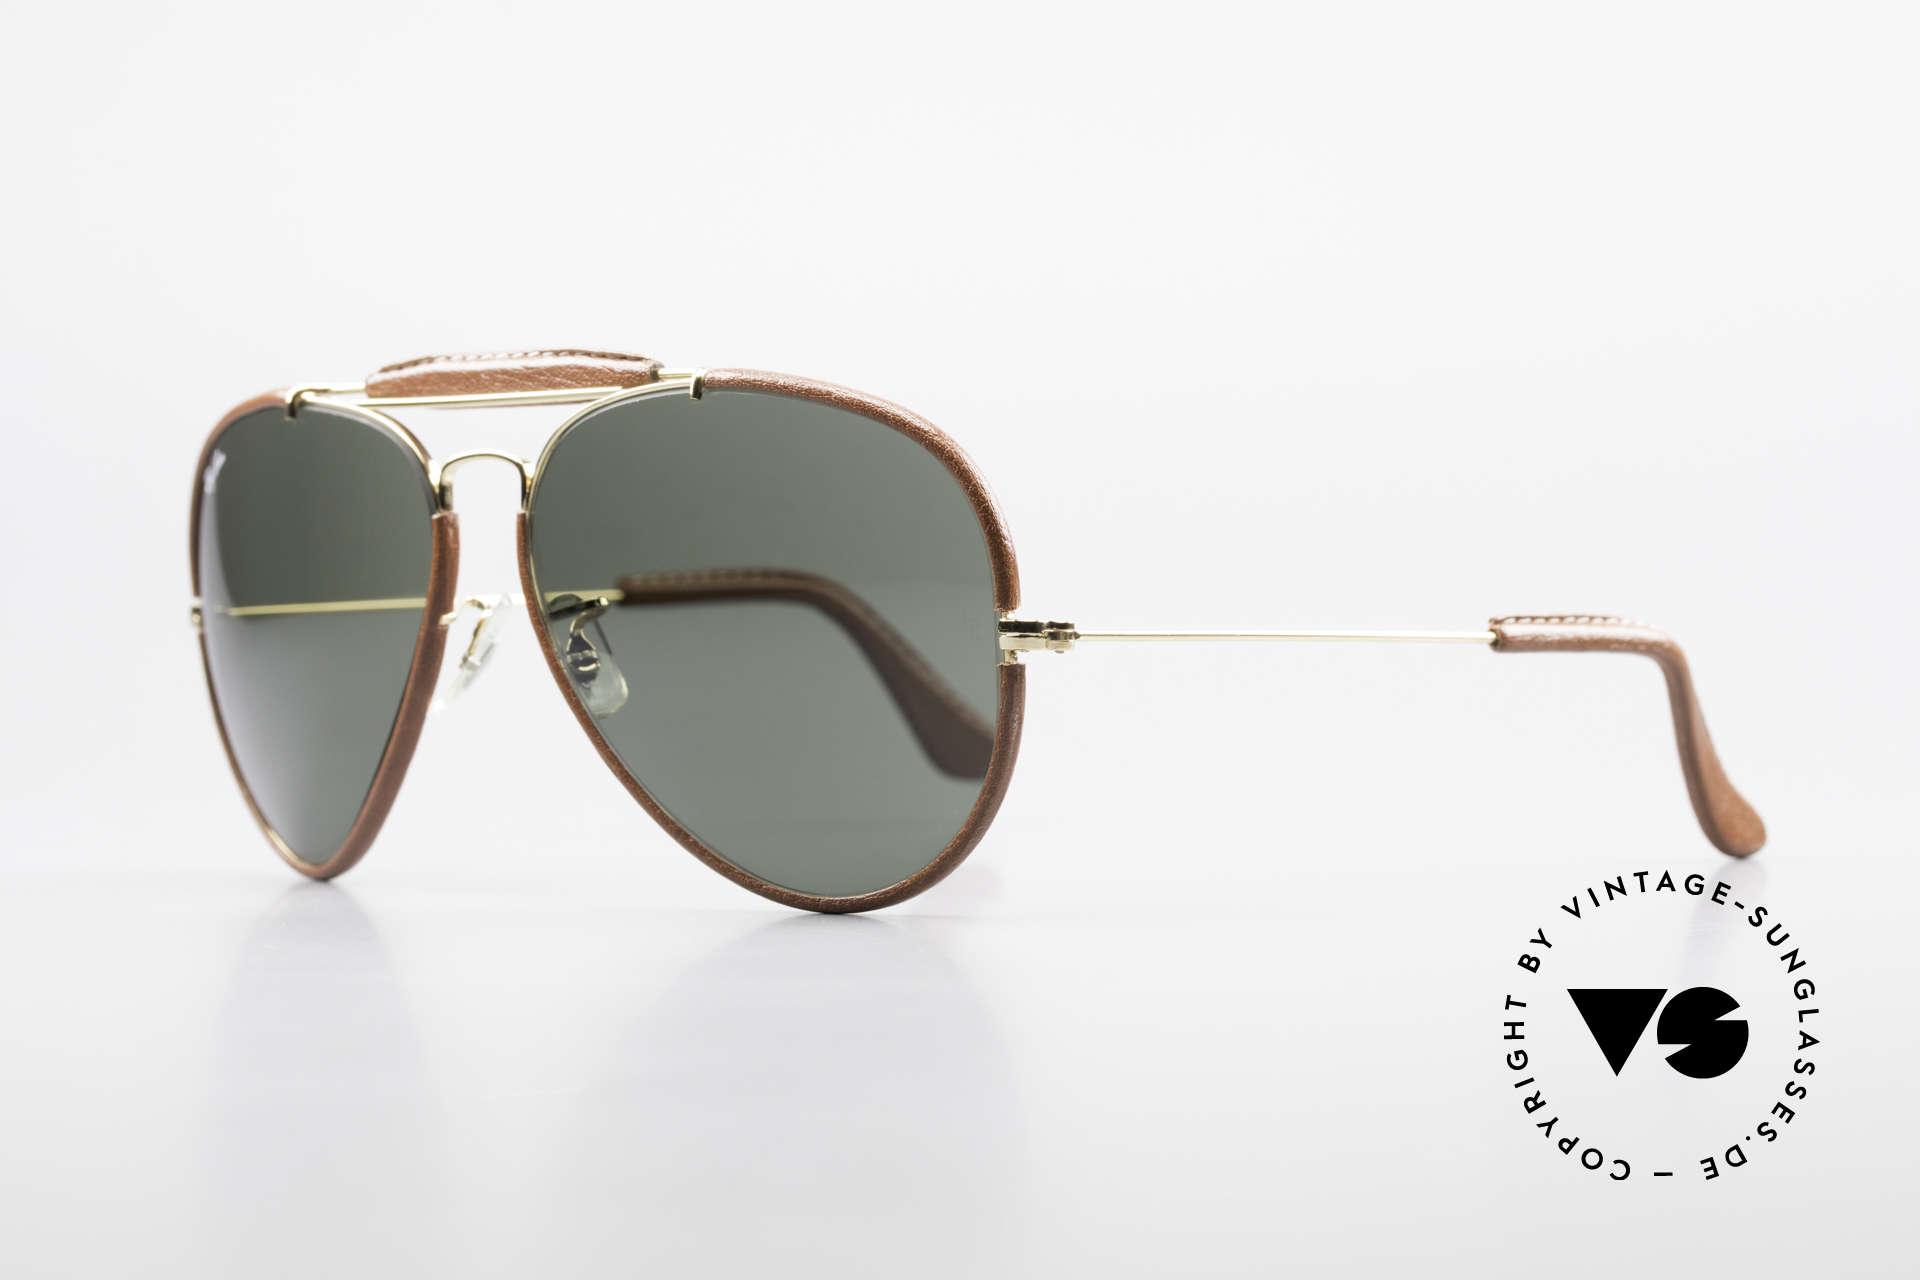 Ray Ban Outdoorsman II USA Leder Sonnenbrille 80er, mit original B&L Mineralgläsern inkl. der B&L Gravur, Passend für Herren